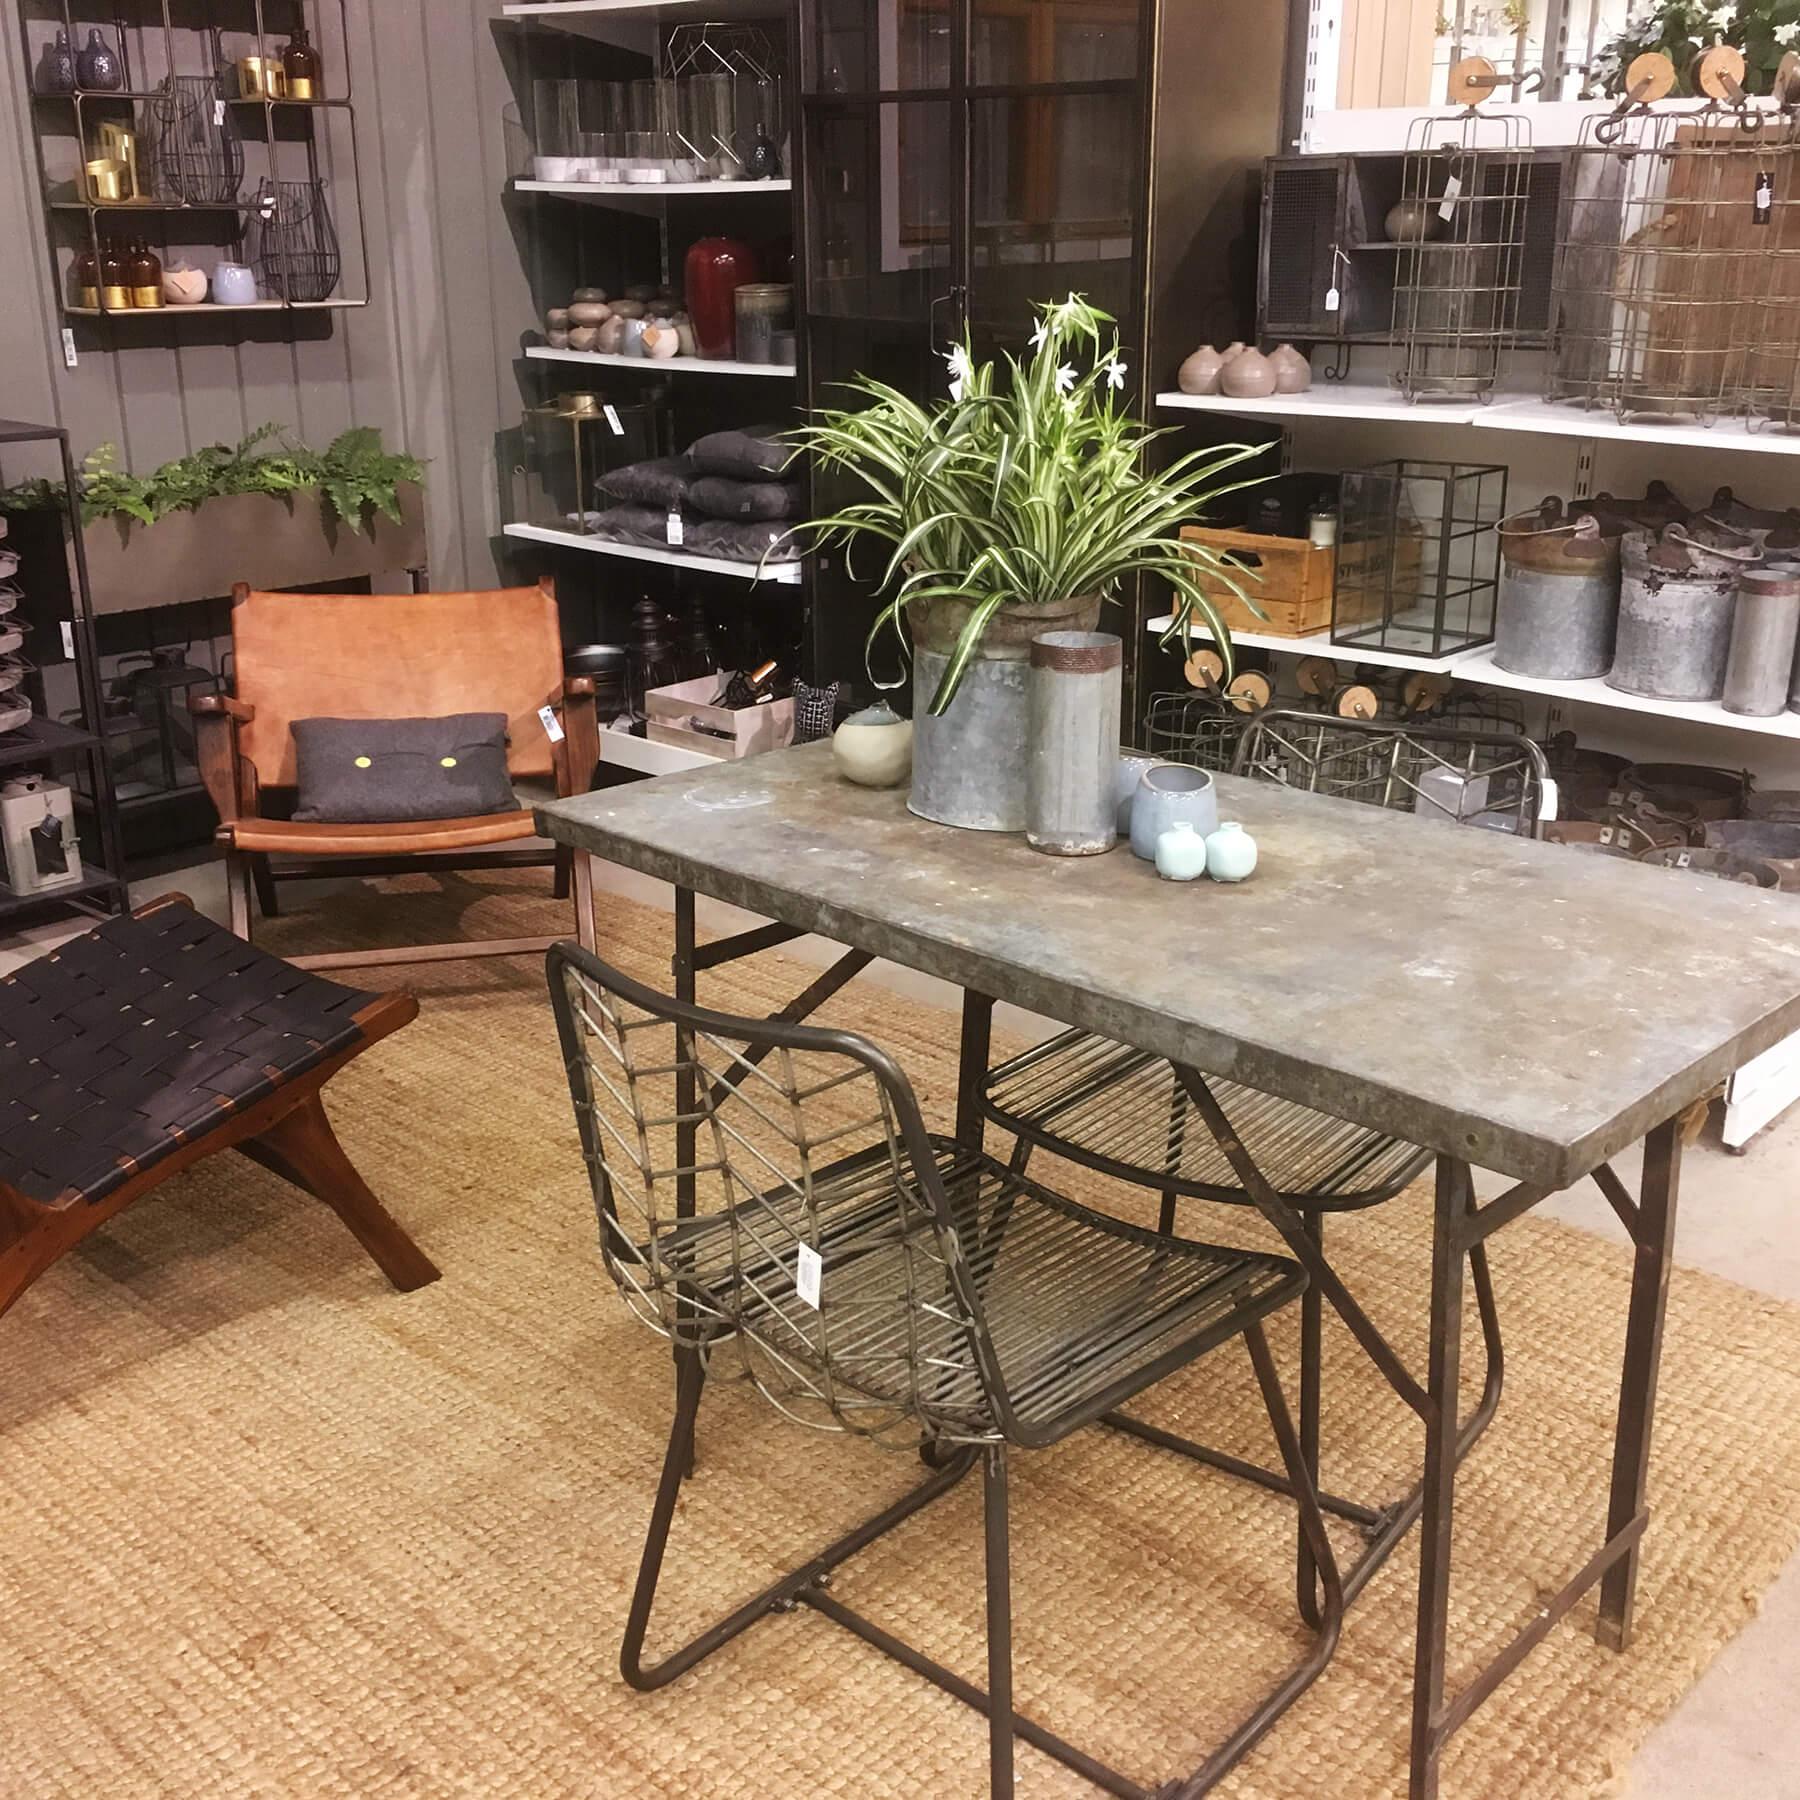 Del av interiöravdelningen på Sollidens handelsträdgård. Fåtöljer i trä och skinn kombineras med bord, stolar och vaser i rå metall.